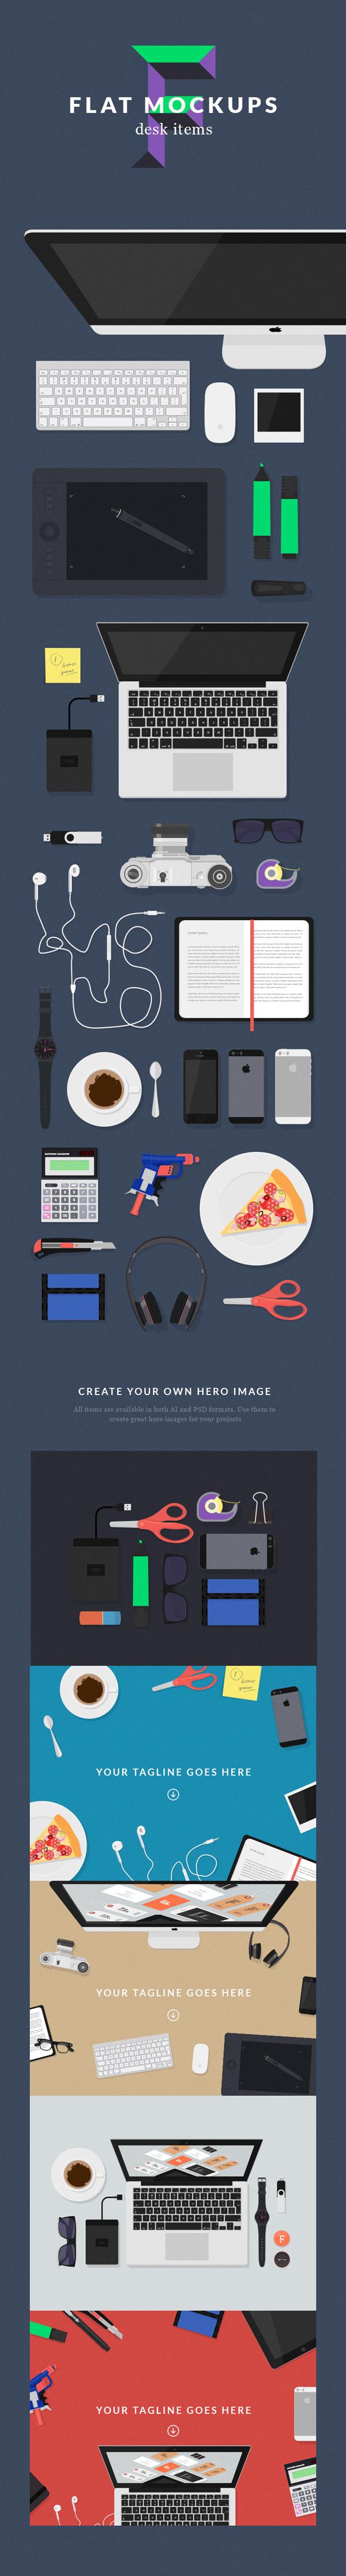 Free Flat PSD MockUps – Designer Desk Items